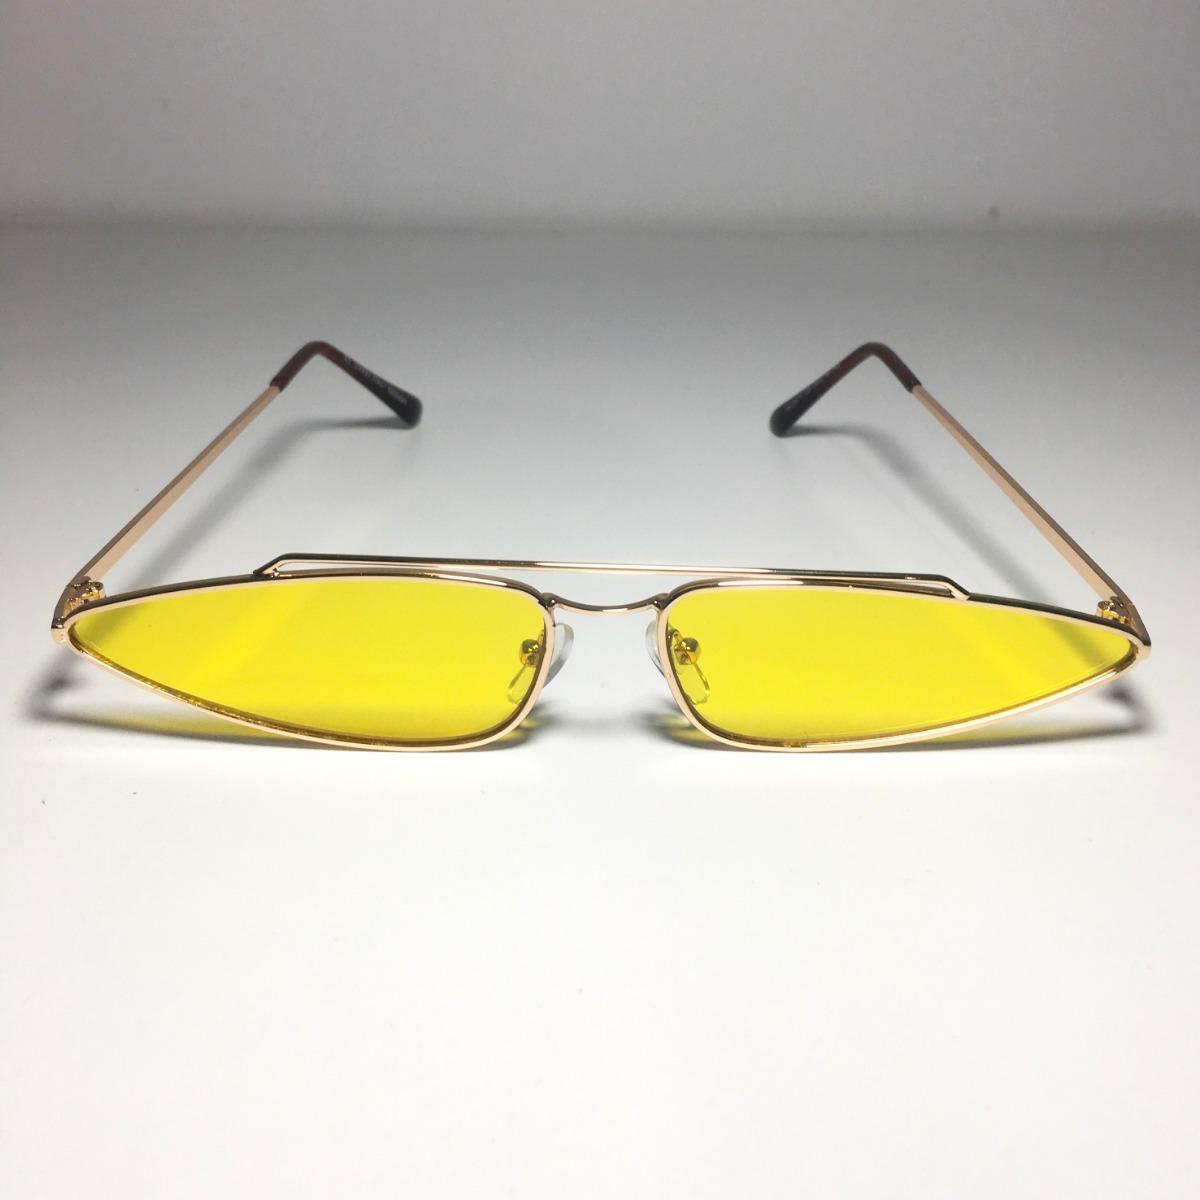 28f5fec0b0996 óculos fino de sol retro vintage anos 90 amarelo. Carregando zoom.